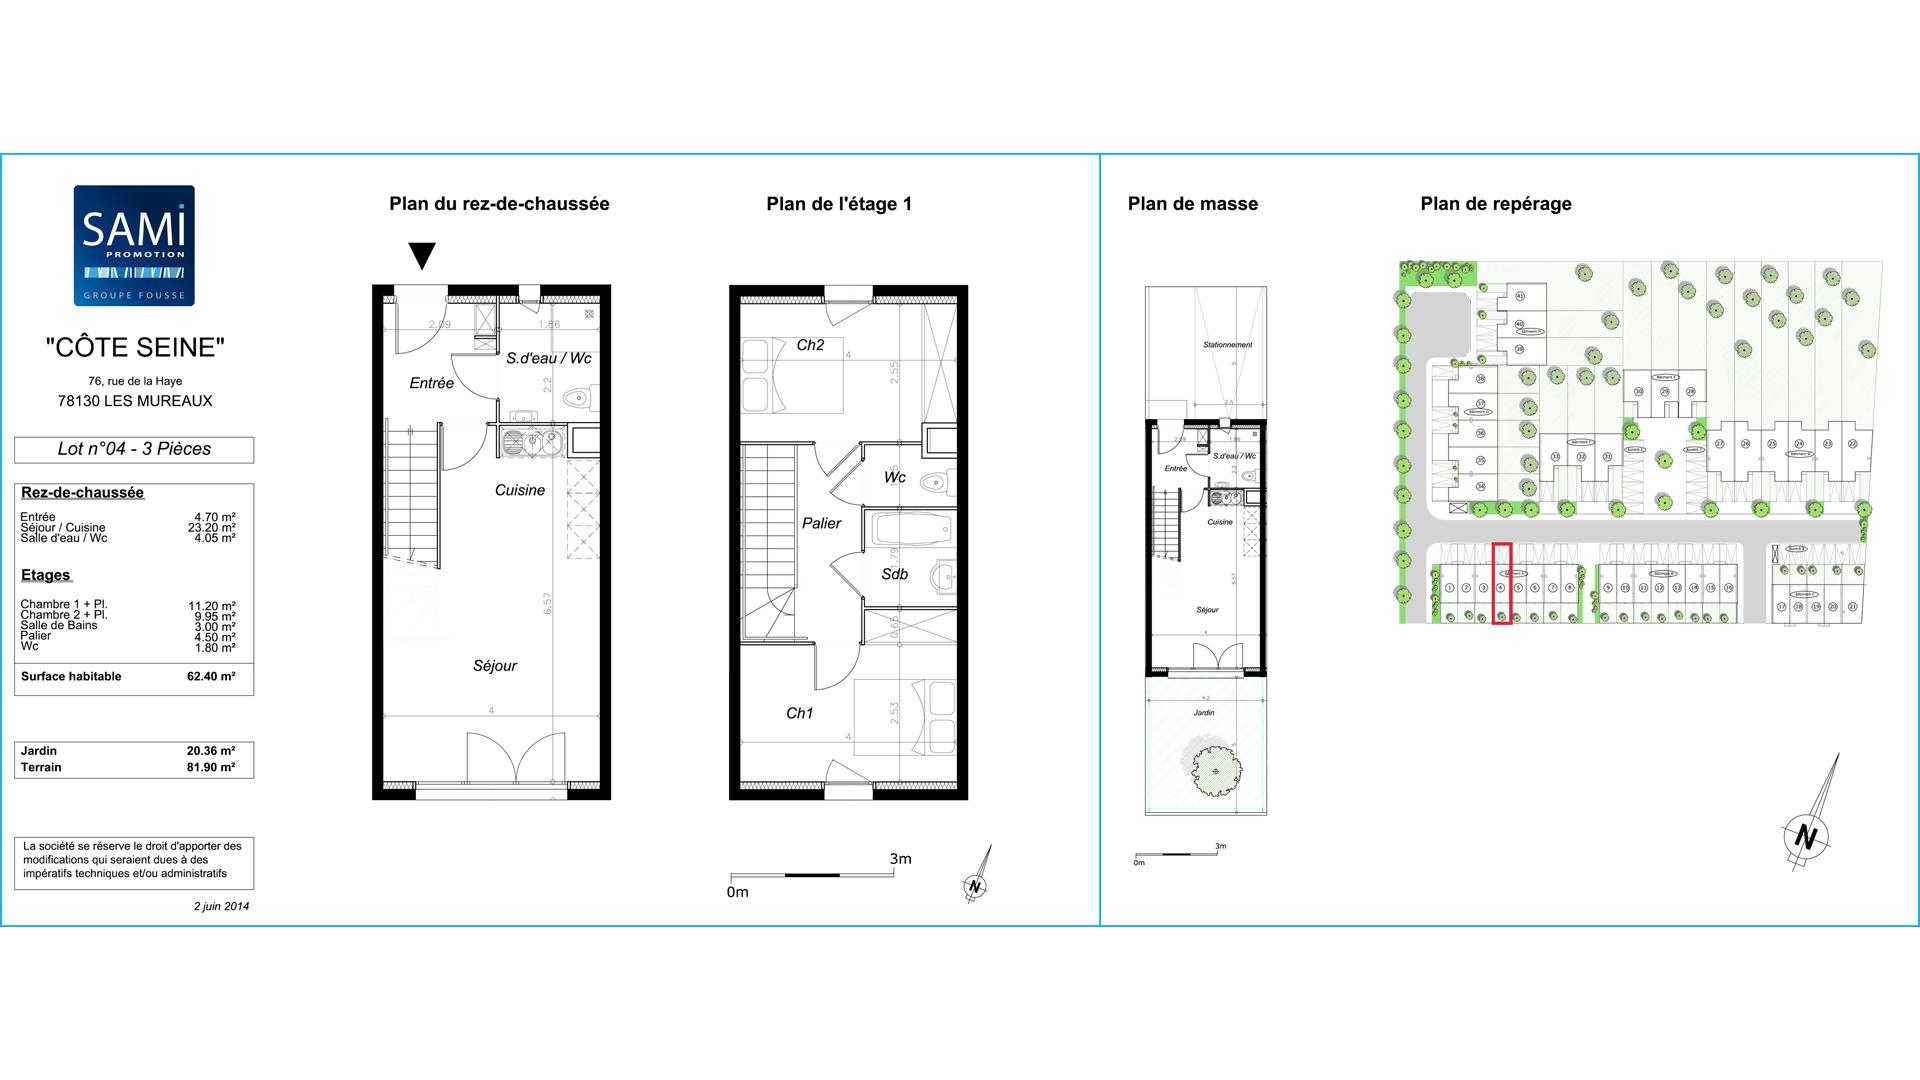 acheter une maison neuve les mureaux yvelines cot seine. Black Bedroom Furniture Sets. Home Design Ideas